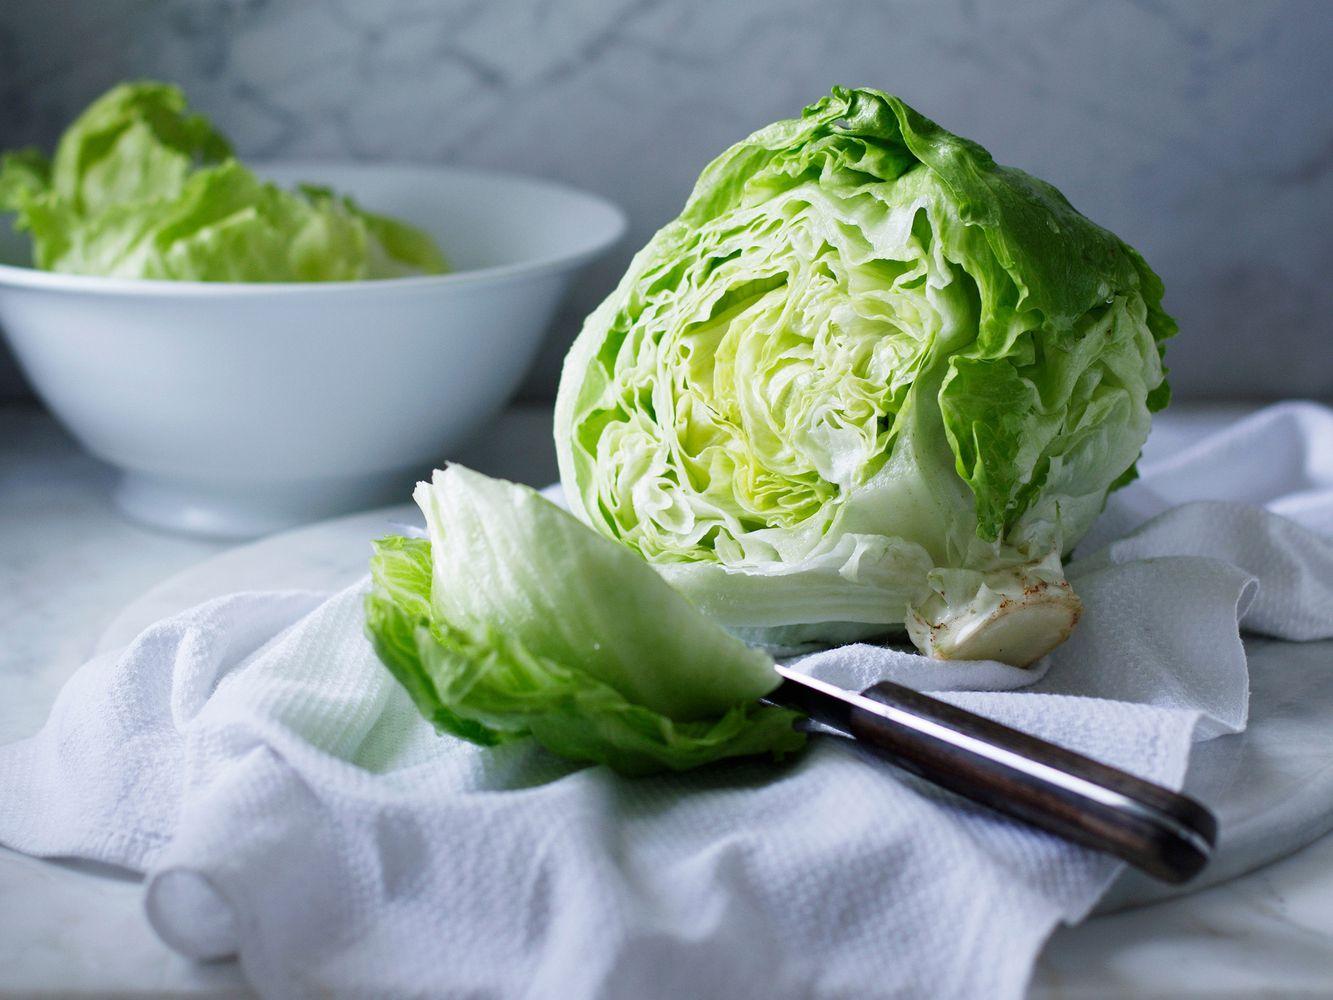 با مصرف کاهو تنها در ۱۰ روز میتوانید تا ۷ کیلو لاغرشوید +مراحل رژیم کاهو/////گلی